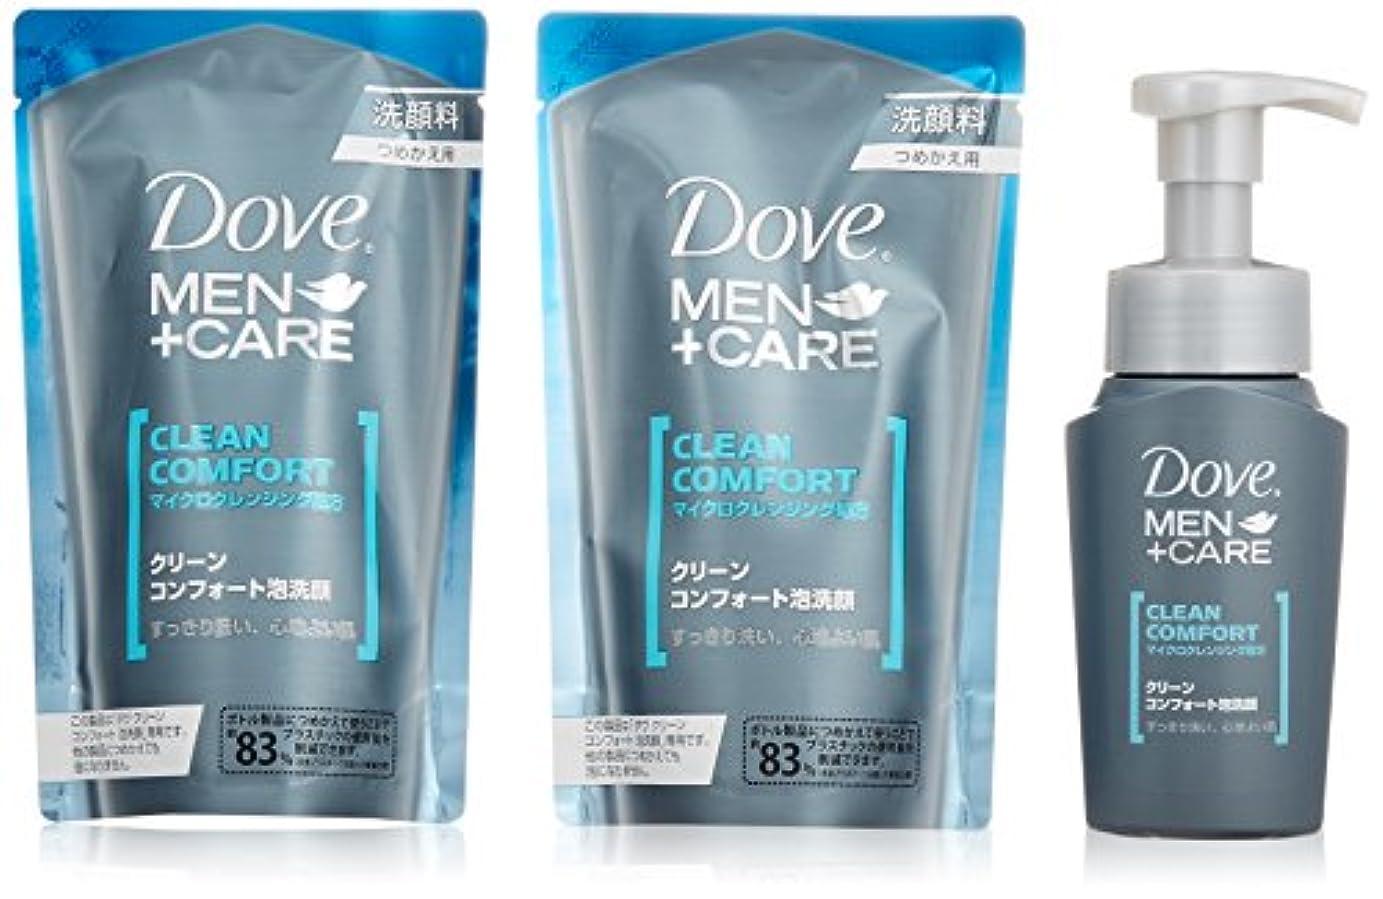 傑作グラマー犯罪Dove ダヴ クリーンコンフォート 泡洗顔 ポンプ 130ml + つめかえ用 110ml×2個